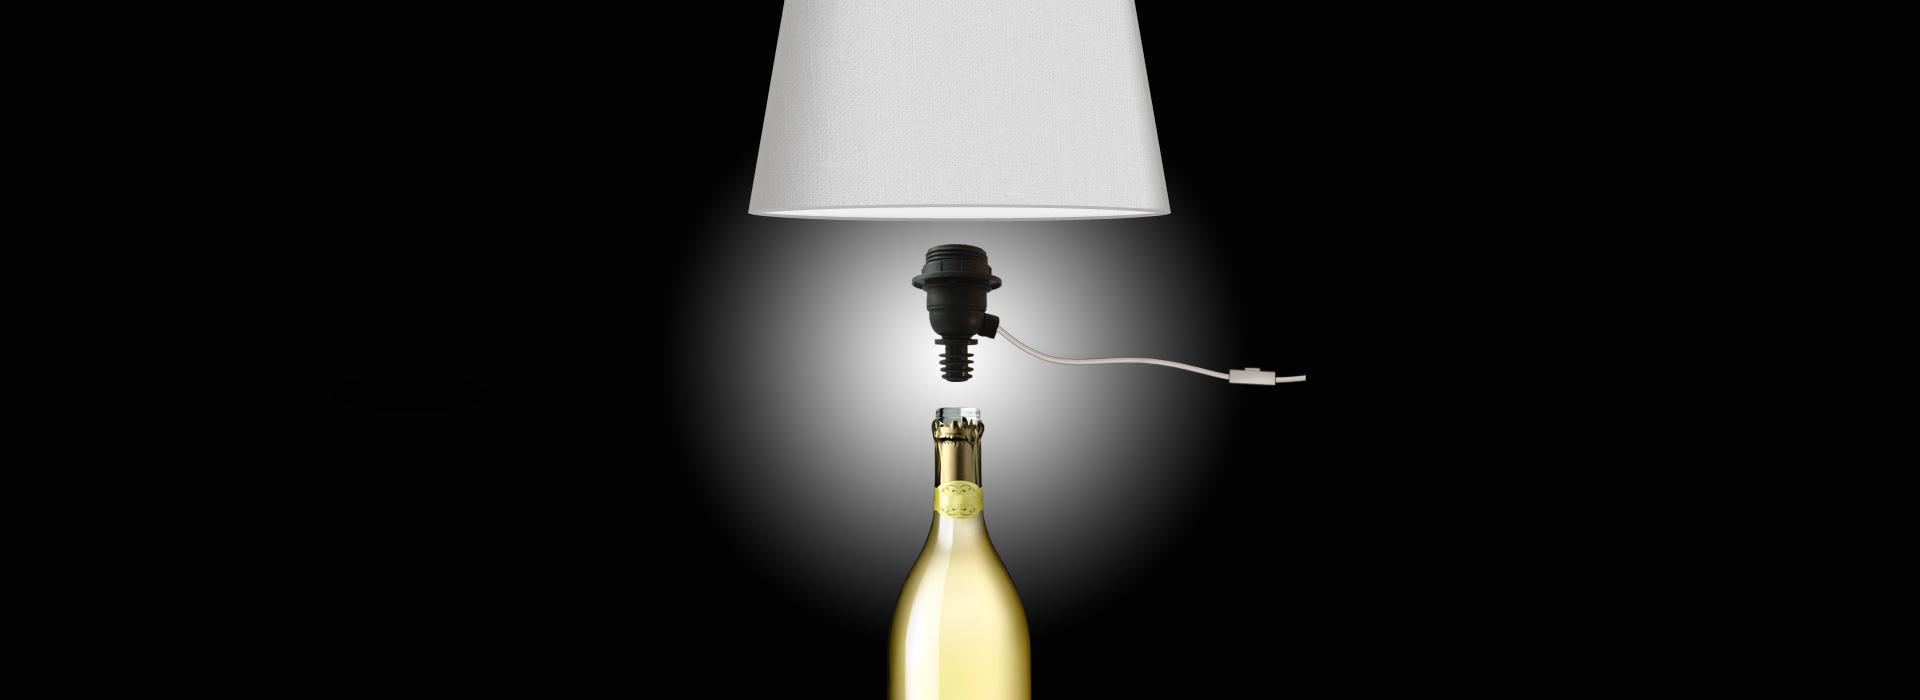 trasforma la tua bottiglia in lampada in 30 secondi